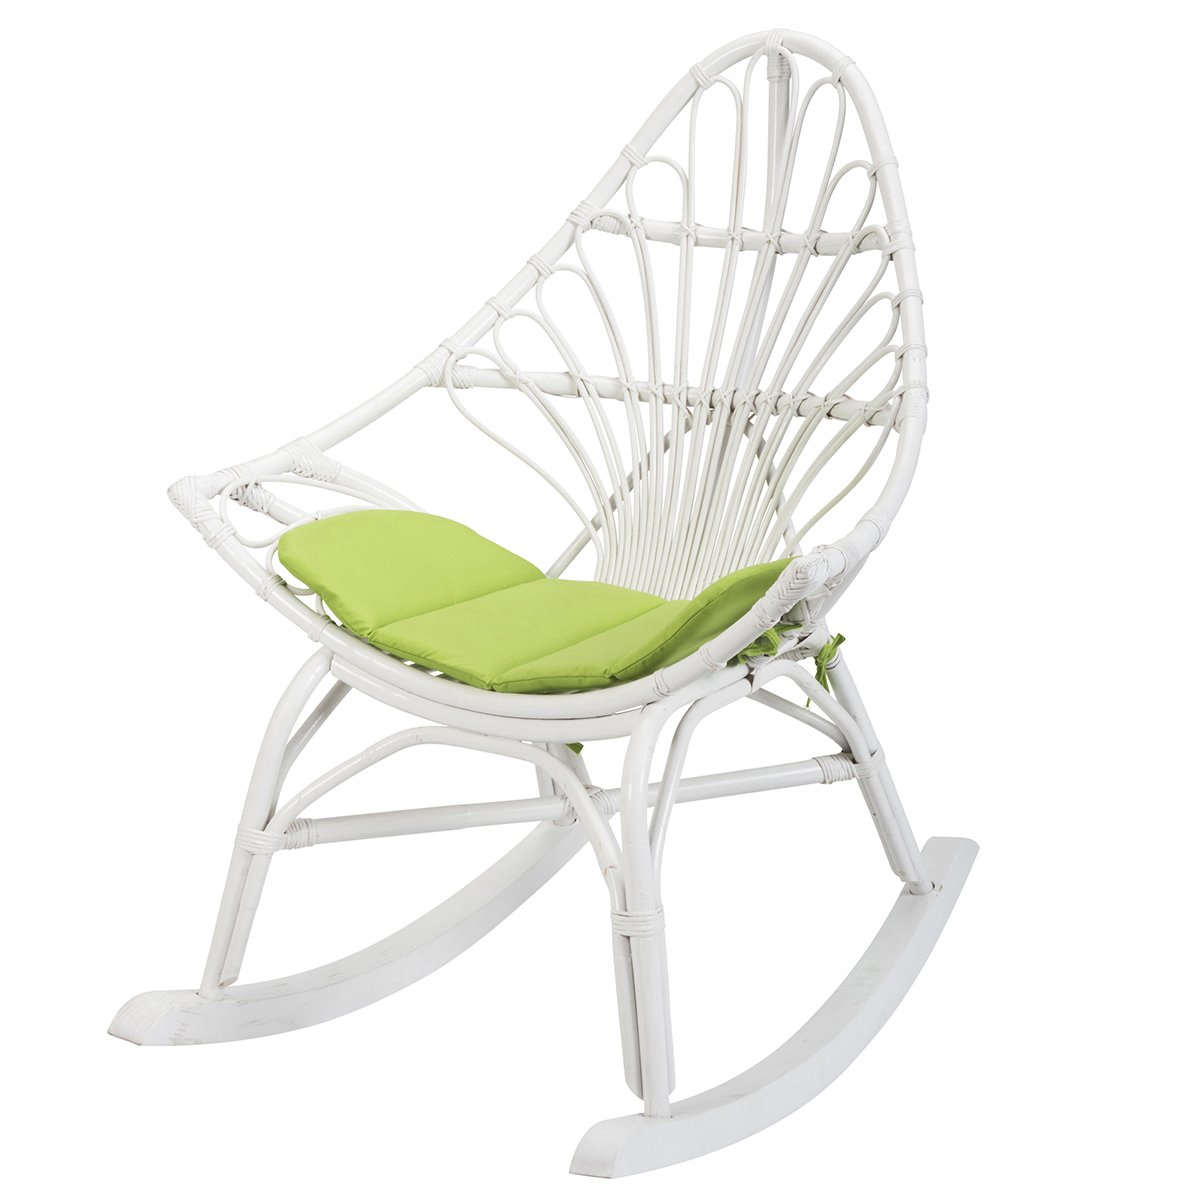 SOLDES : -44% Rocking chair en rotin blanc CALPE - Rotin Design